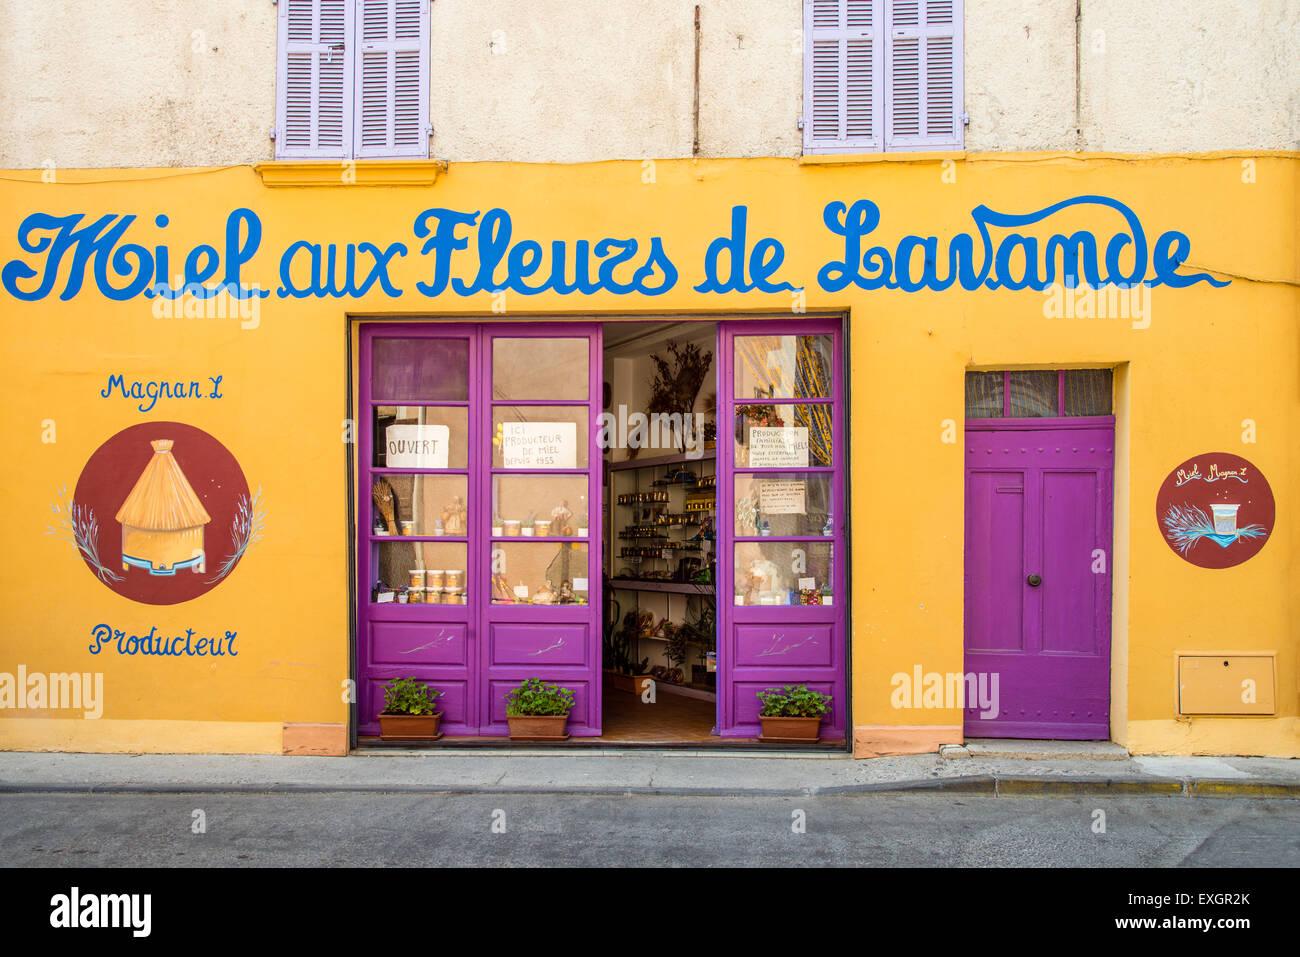 Geschäft mit typischen Spezialitäten in Valensole, Provence, Frankreich Stockbild